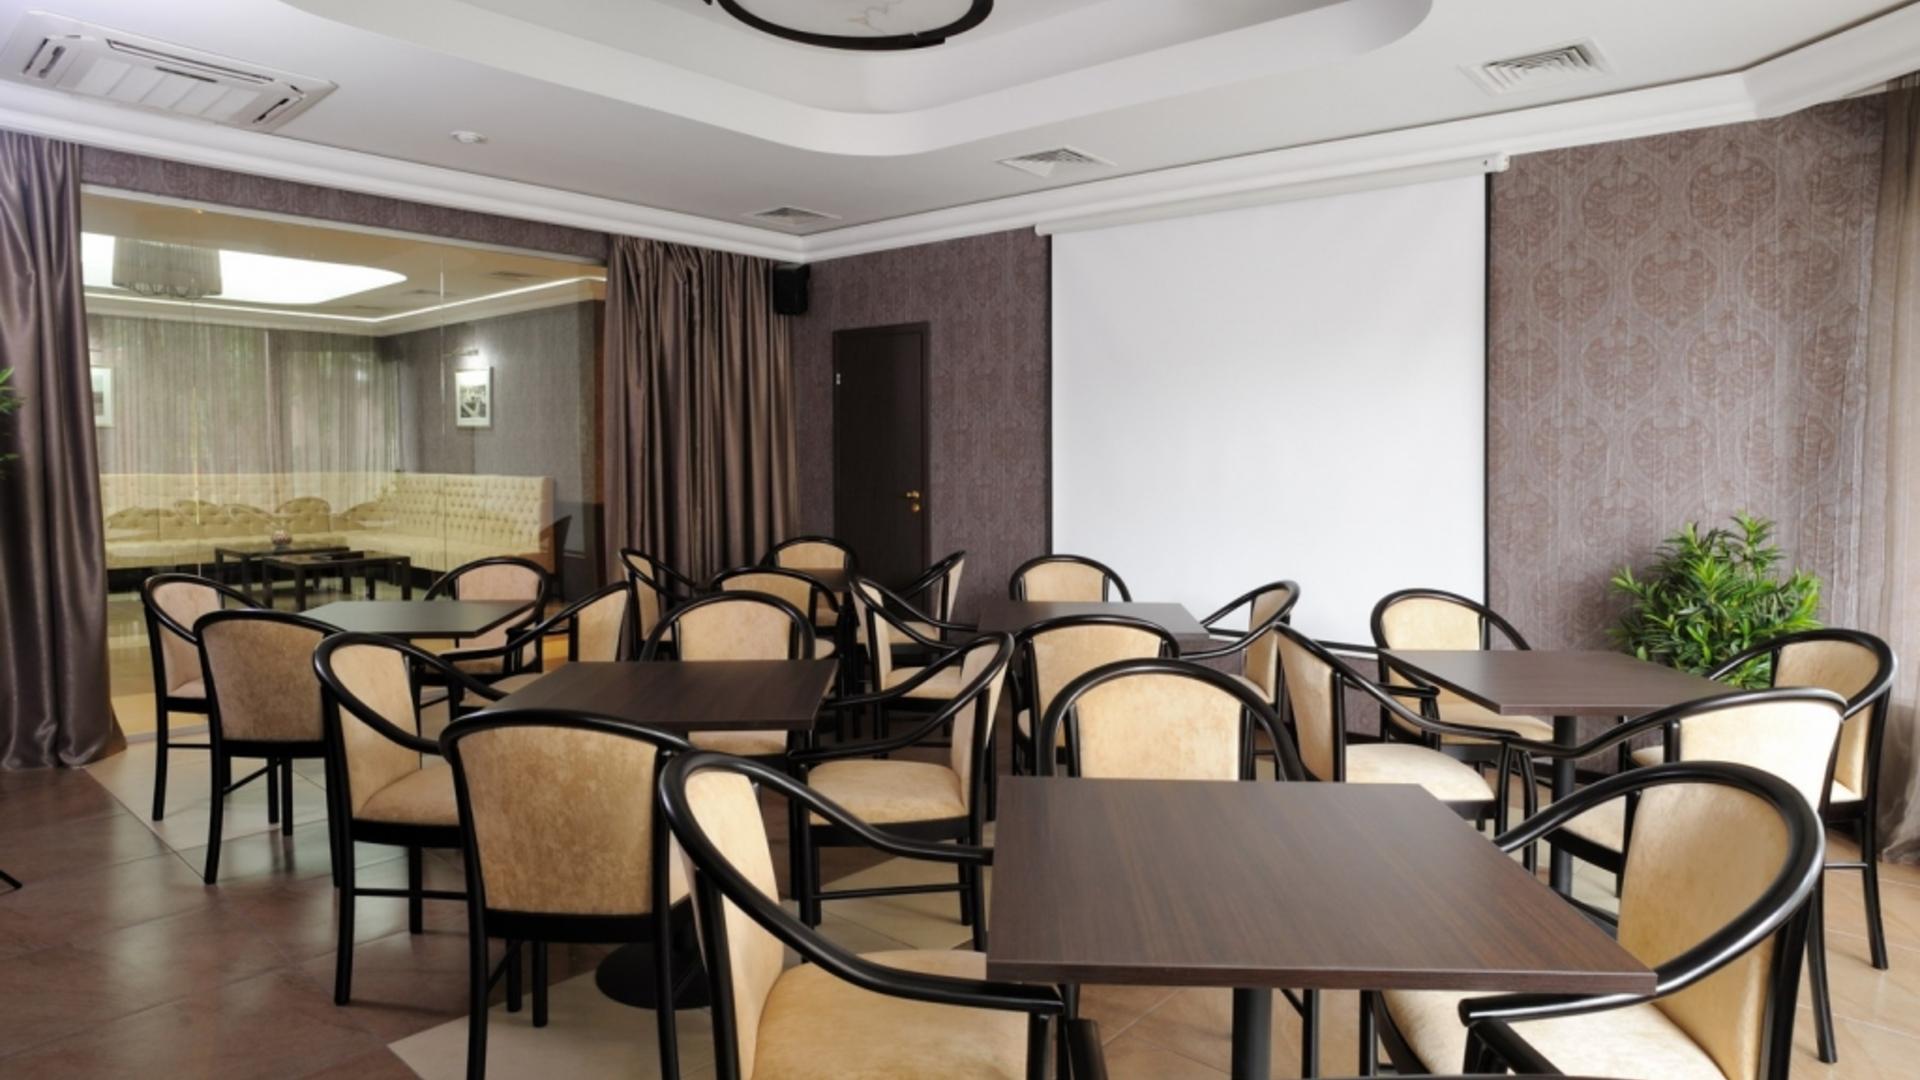 гостиницы пензы для фотосессии кабинет необходимо комплектовать